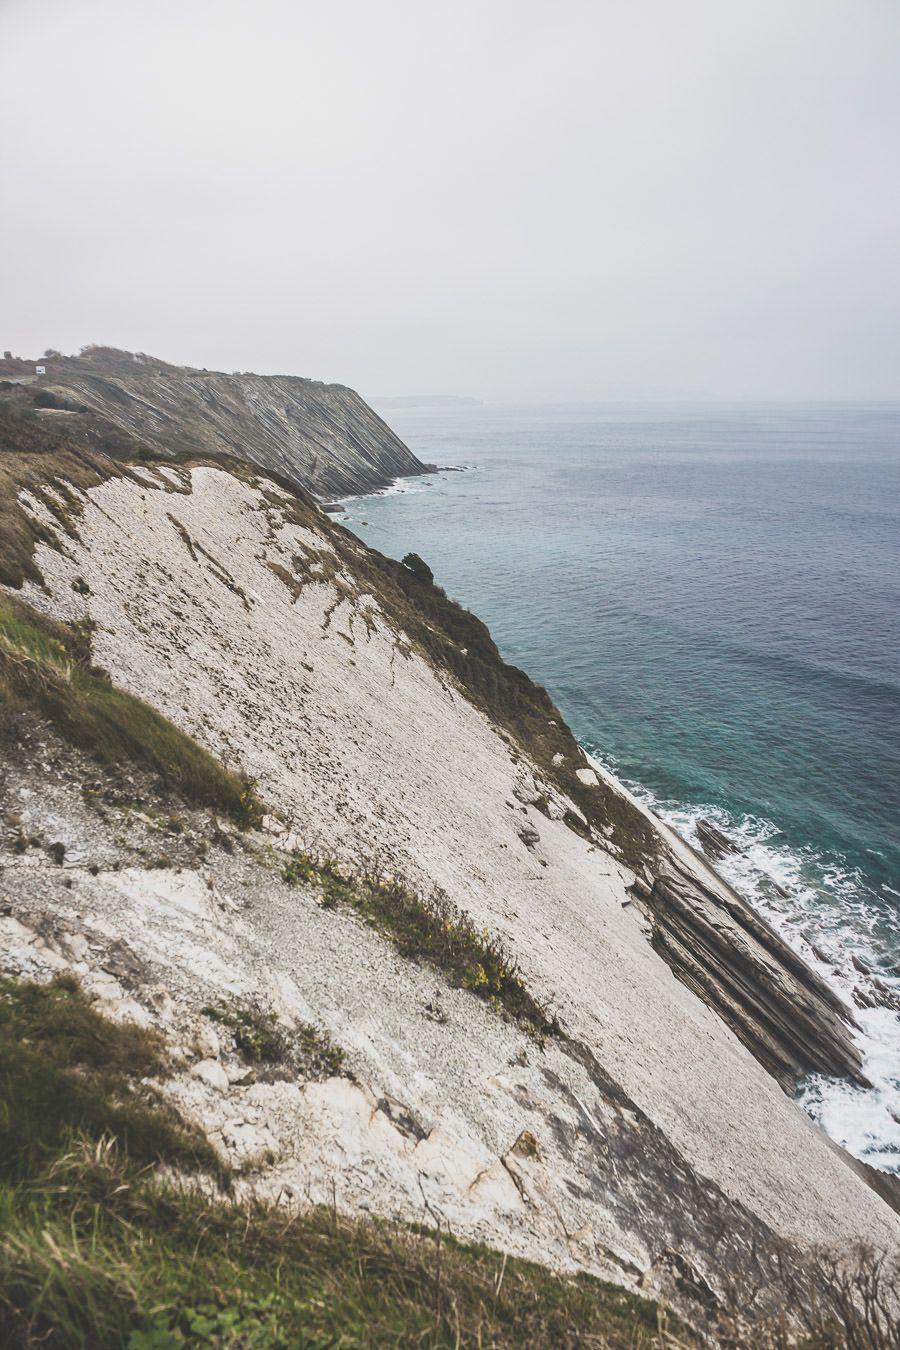 le sentier du littoral entre Ciboure et Hendaye